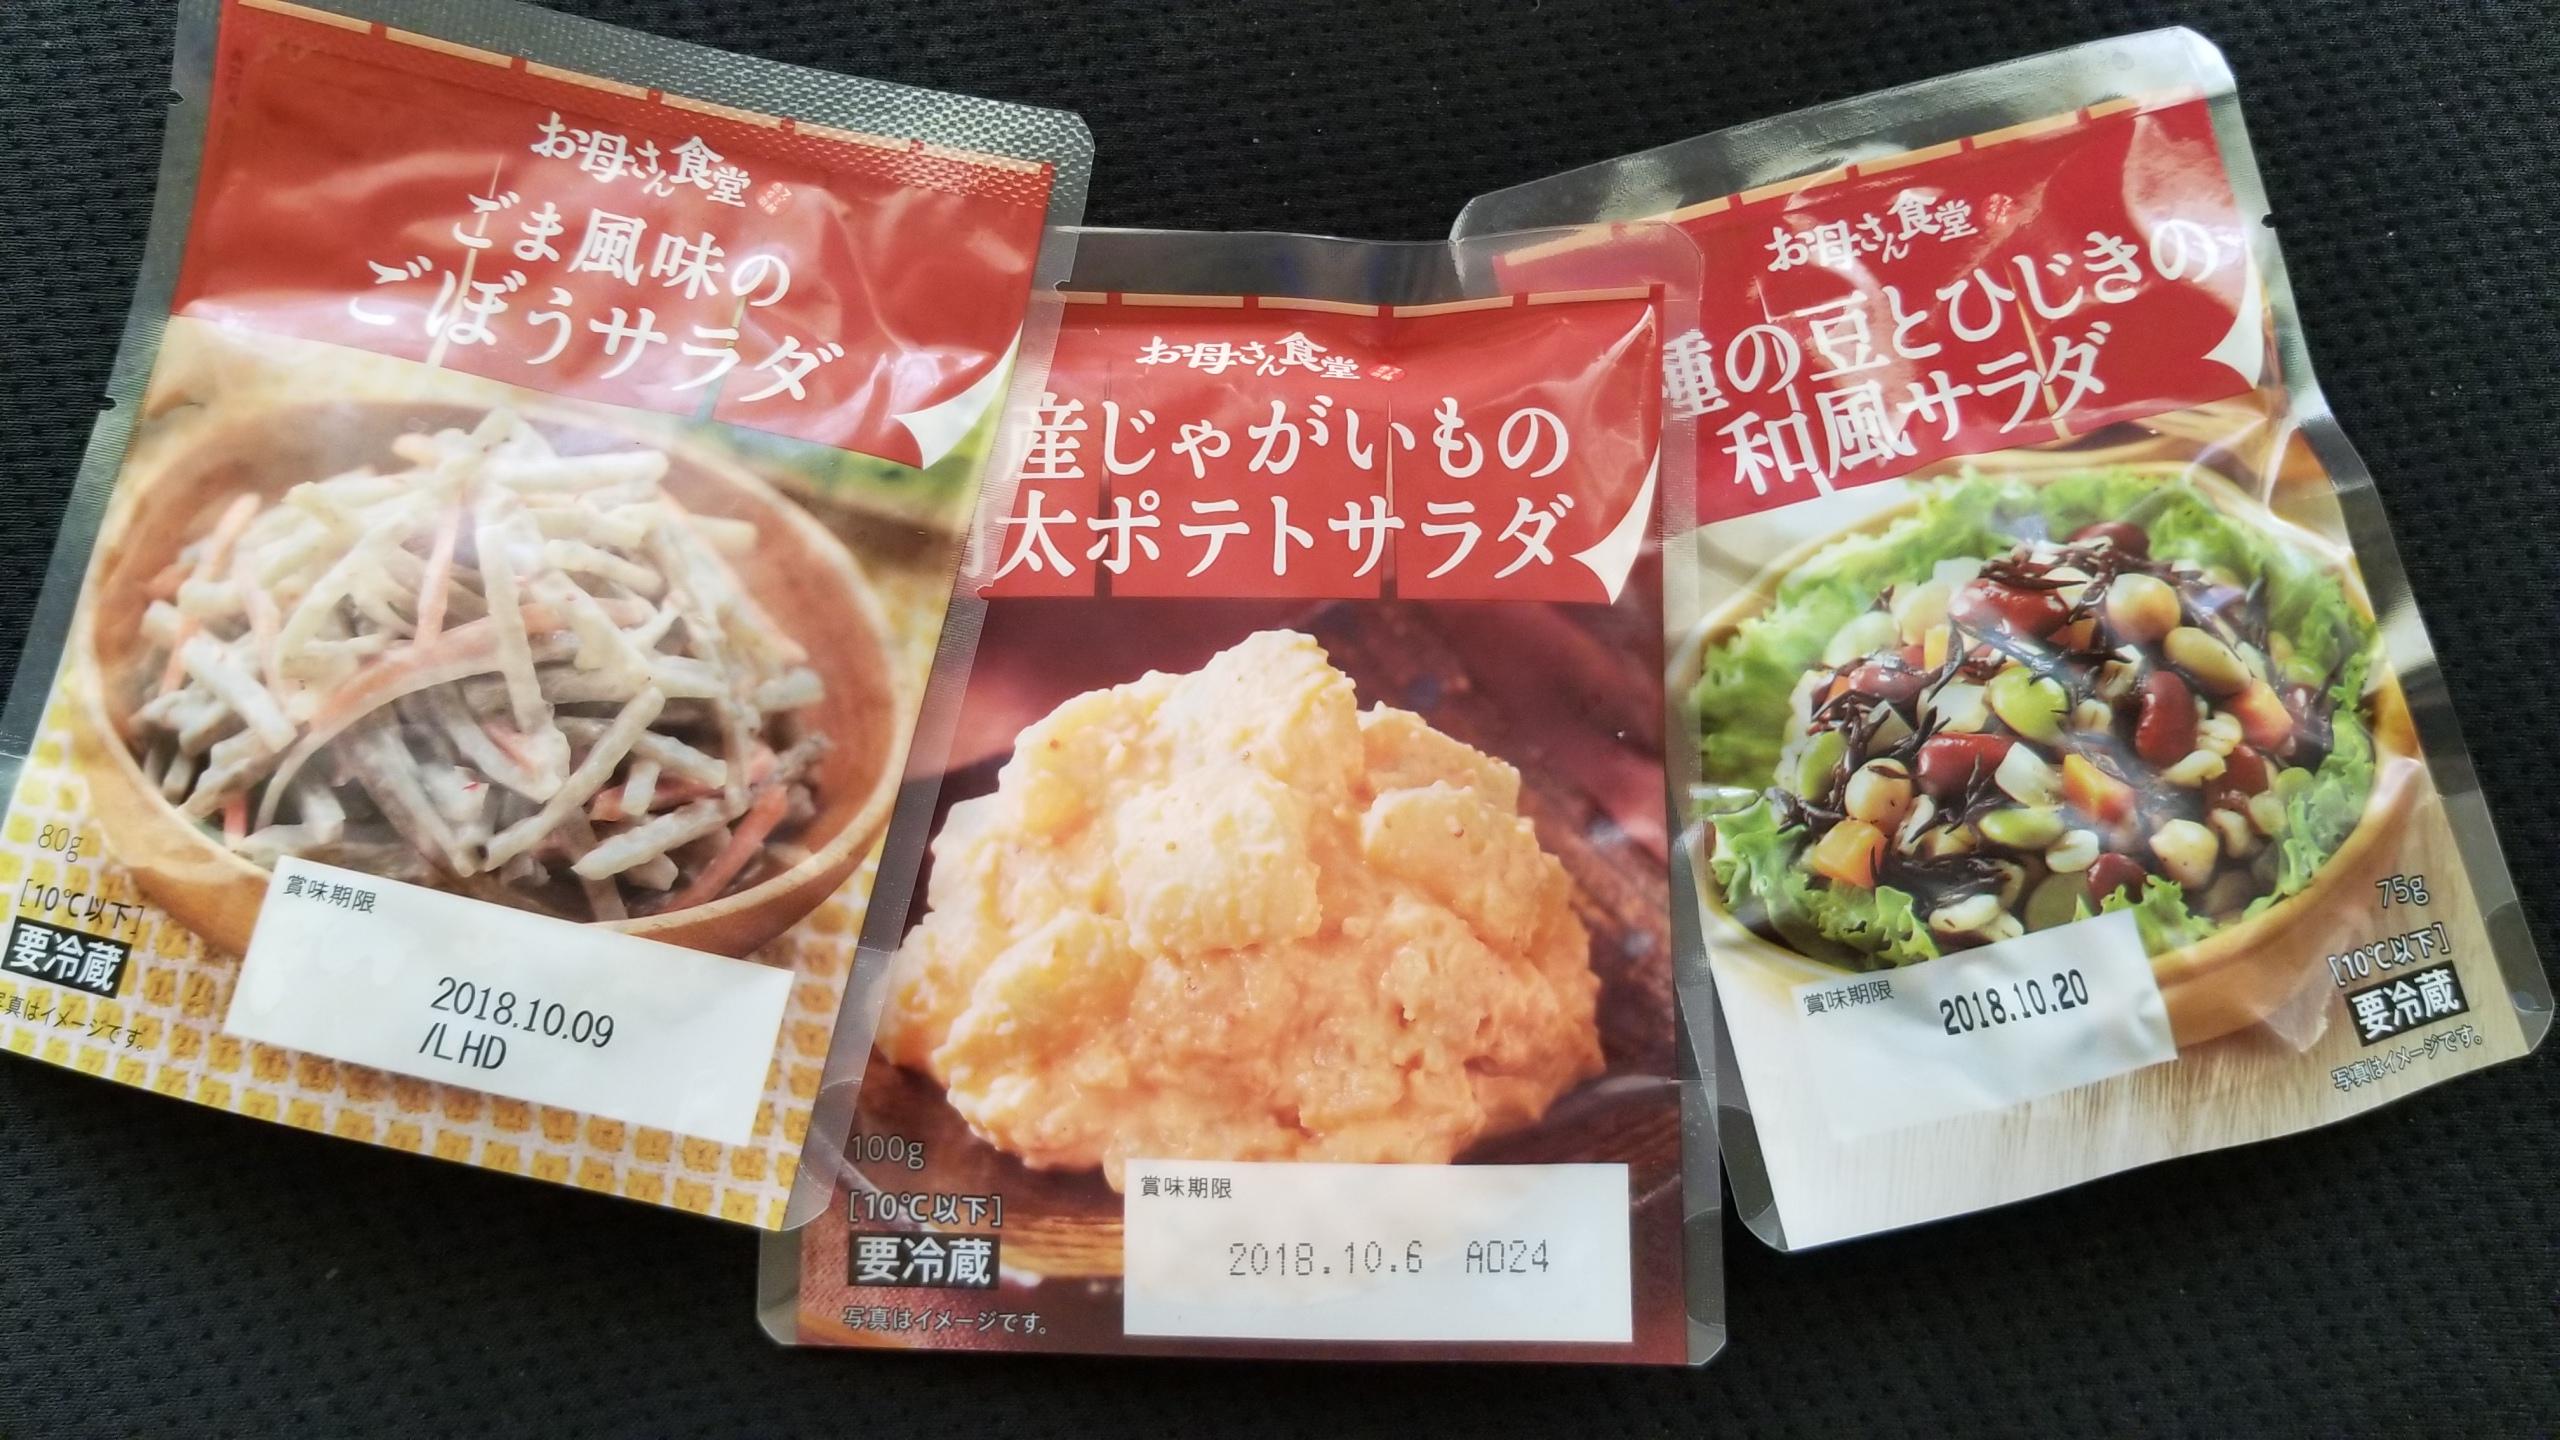 炭水化物抜きダイエット生活継続中,コンビニの野菜サラダ,たんぱく質